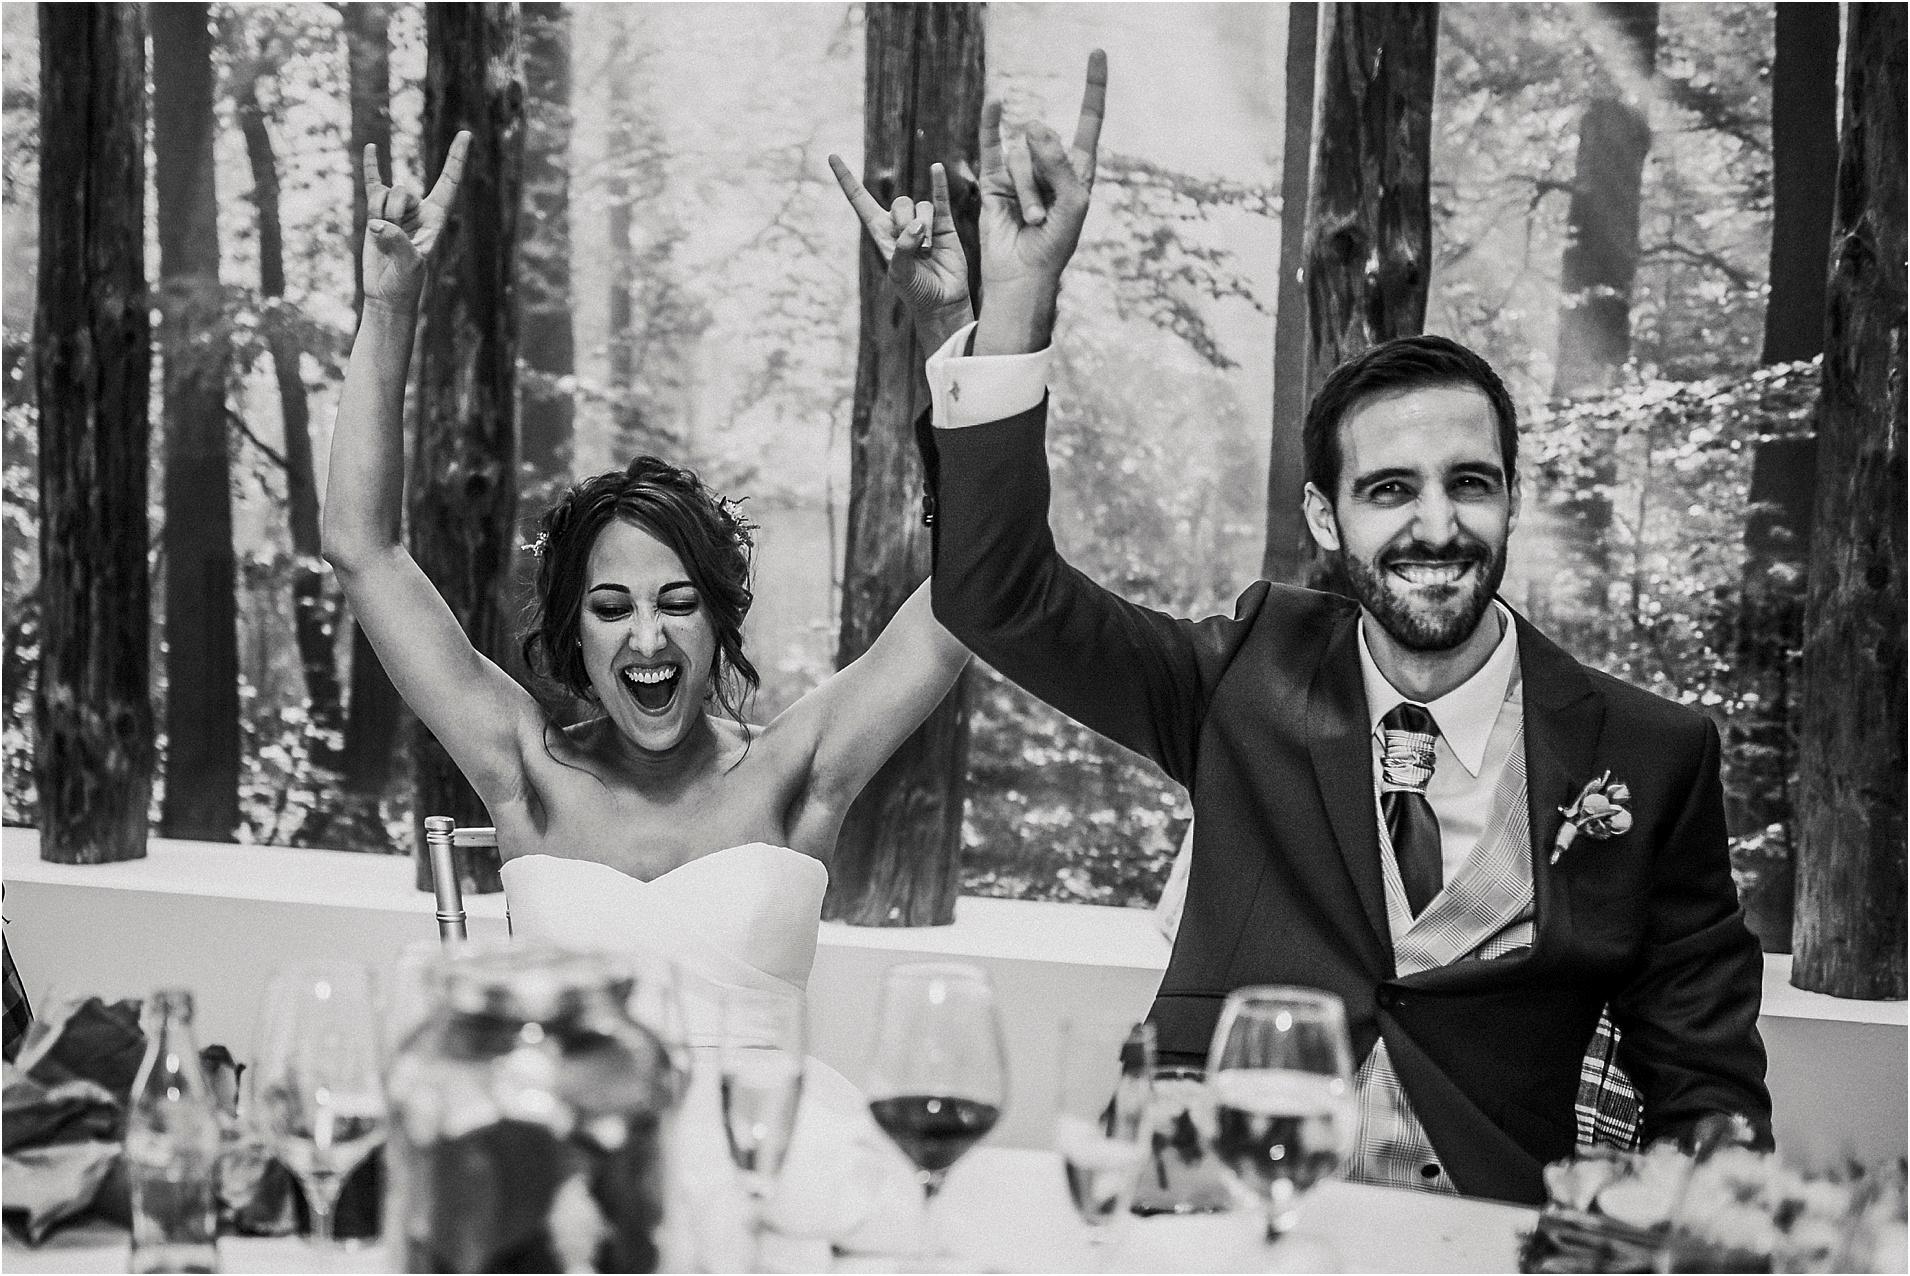 Fotografos-de-boda-donostia-zaragoza-san-sebastian-destination-wedding-photographer-88.jpg